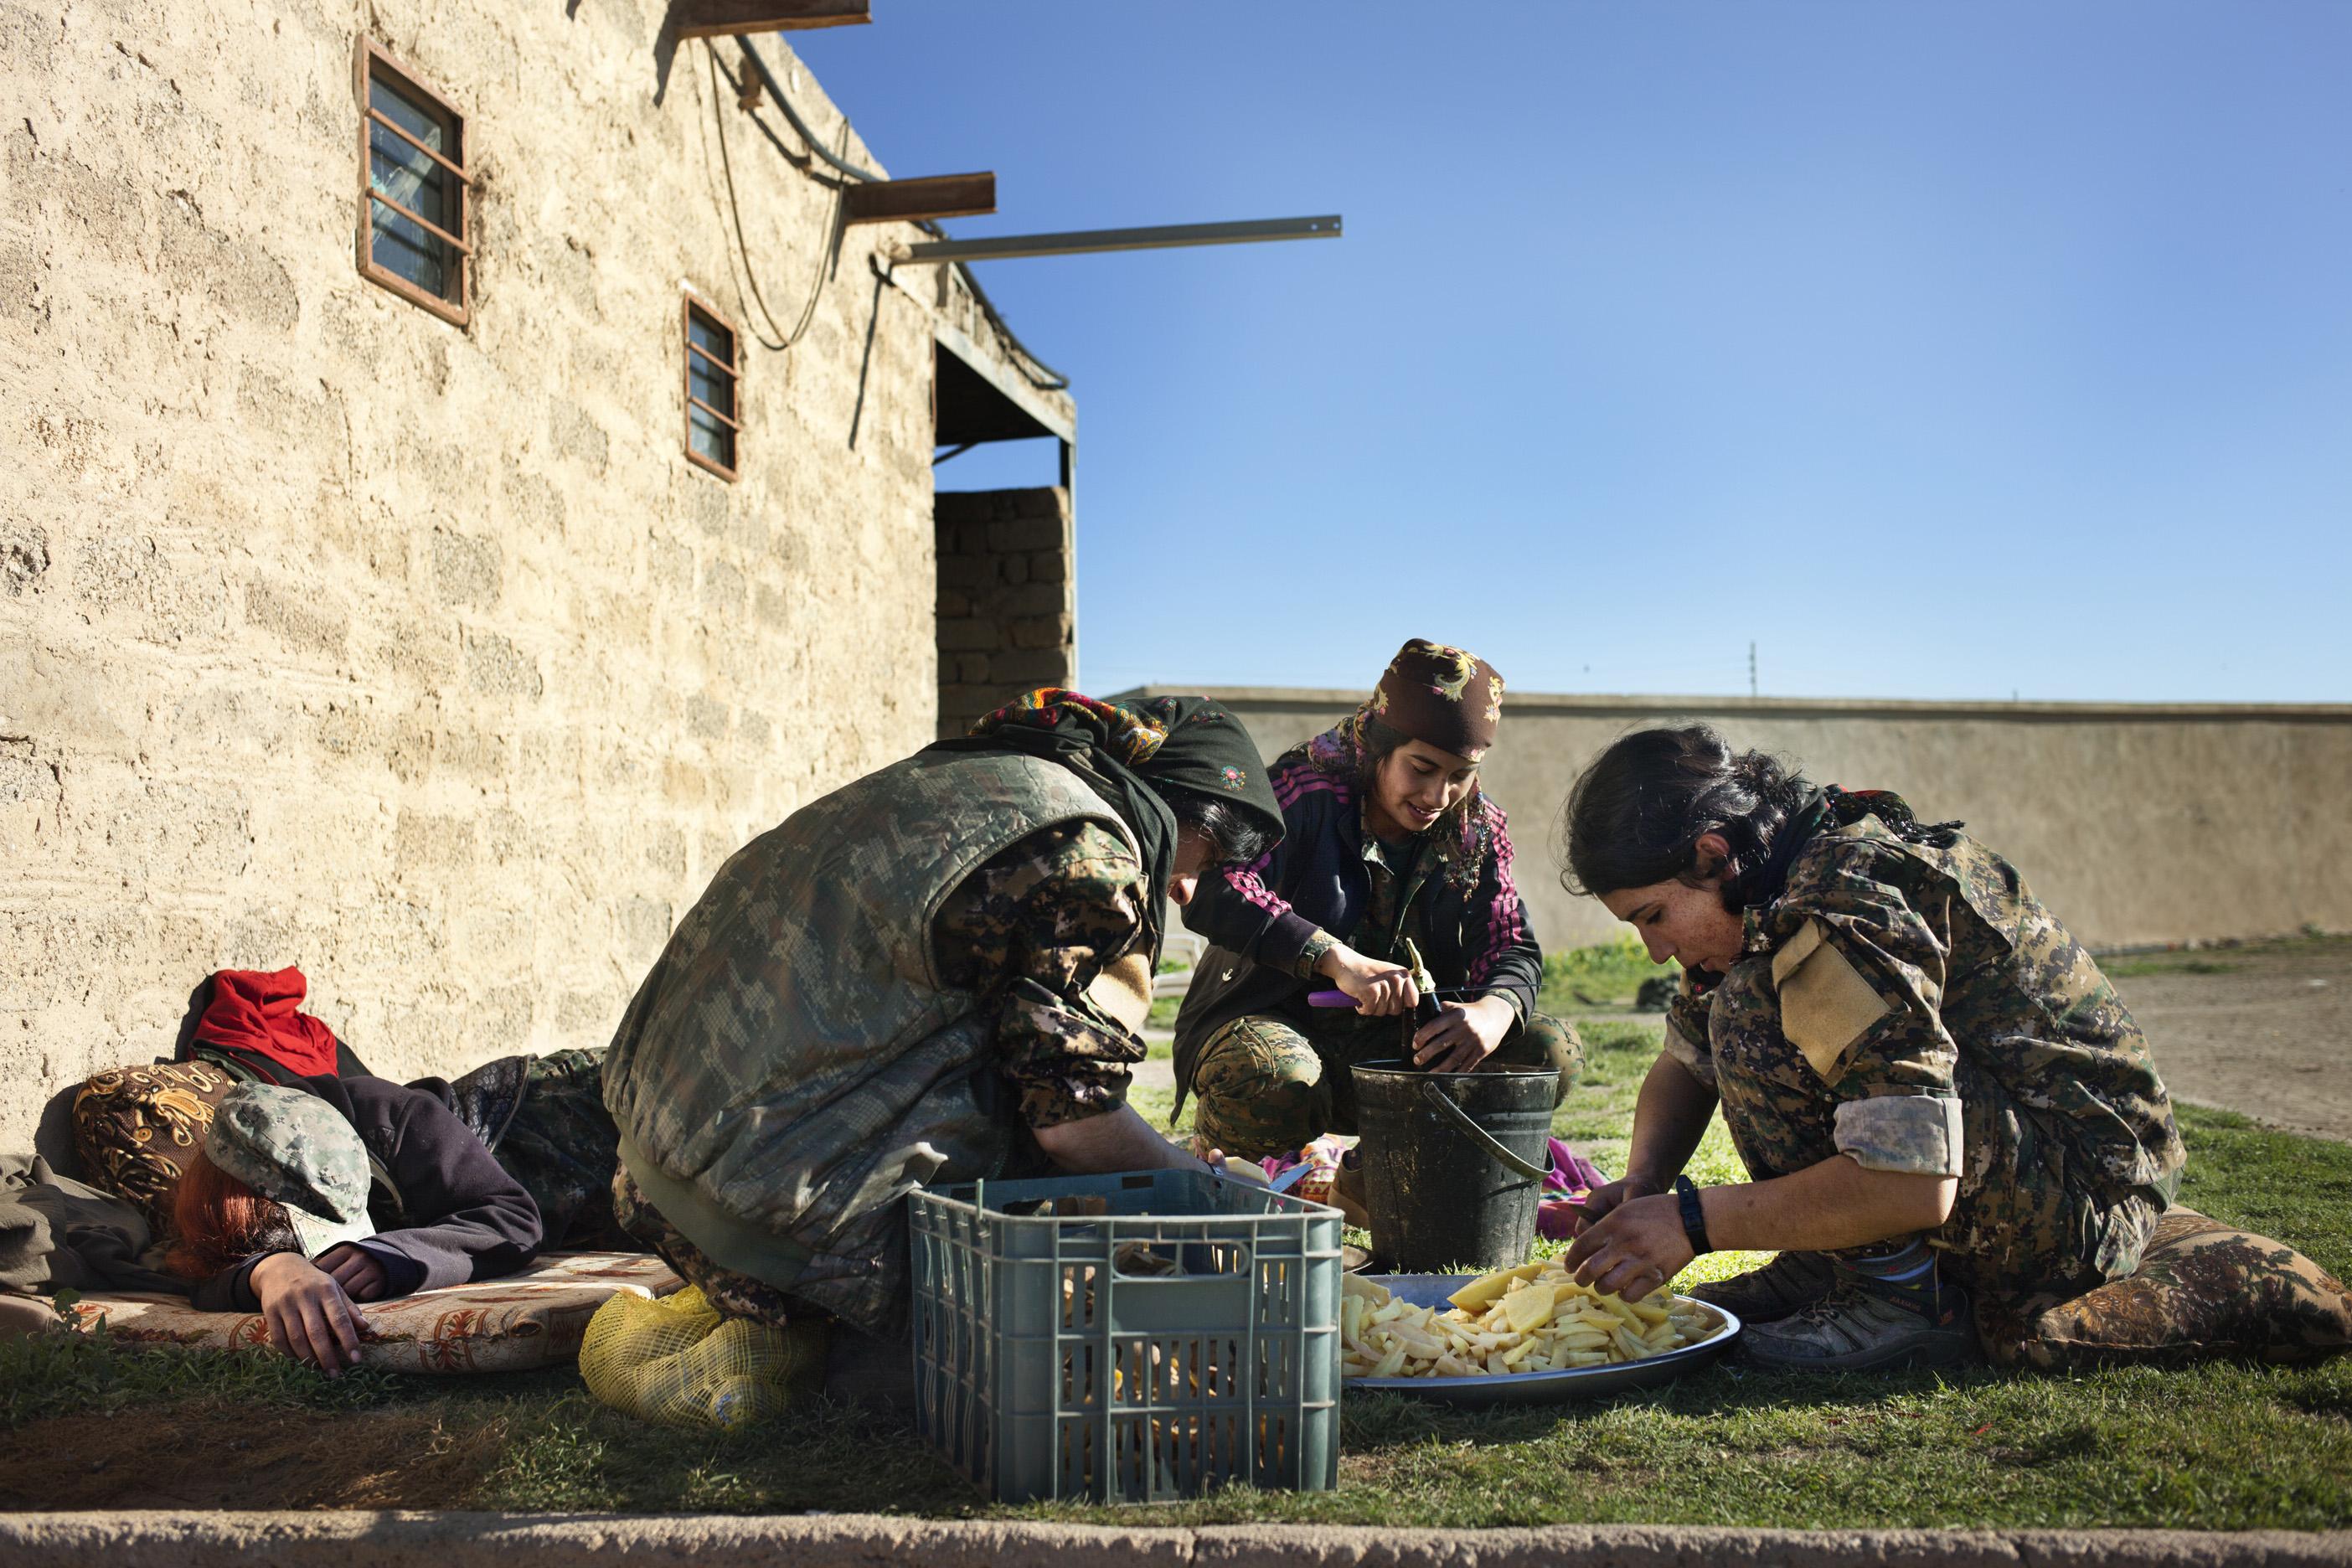 SINJAR, KURDISTAN, IRAQ- FEBRUARY, 2016: Les combattantes du YBS dont font parti beaucoup de Yezidies attendent de prendre les villages autour de la ville de Sinjar toujours aux mains de Daech.  (picture by Veronique de Viguerie/ Reportage by Getty Images )